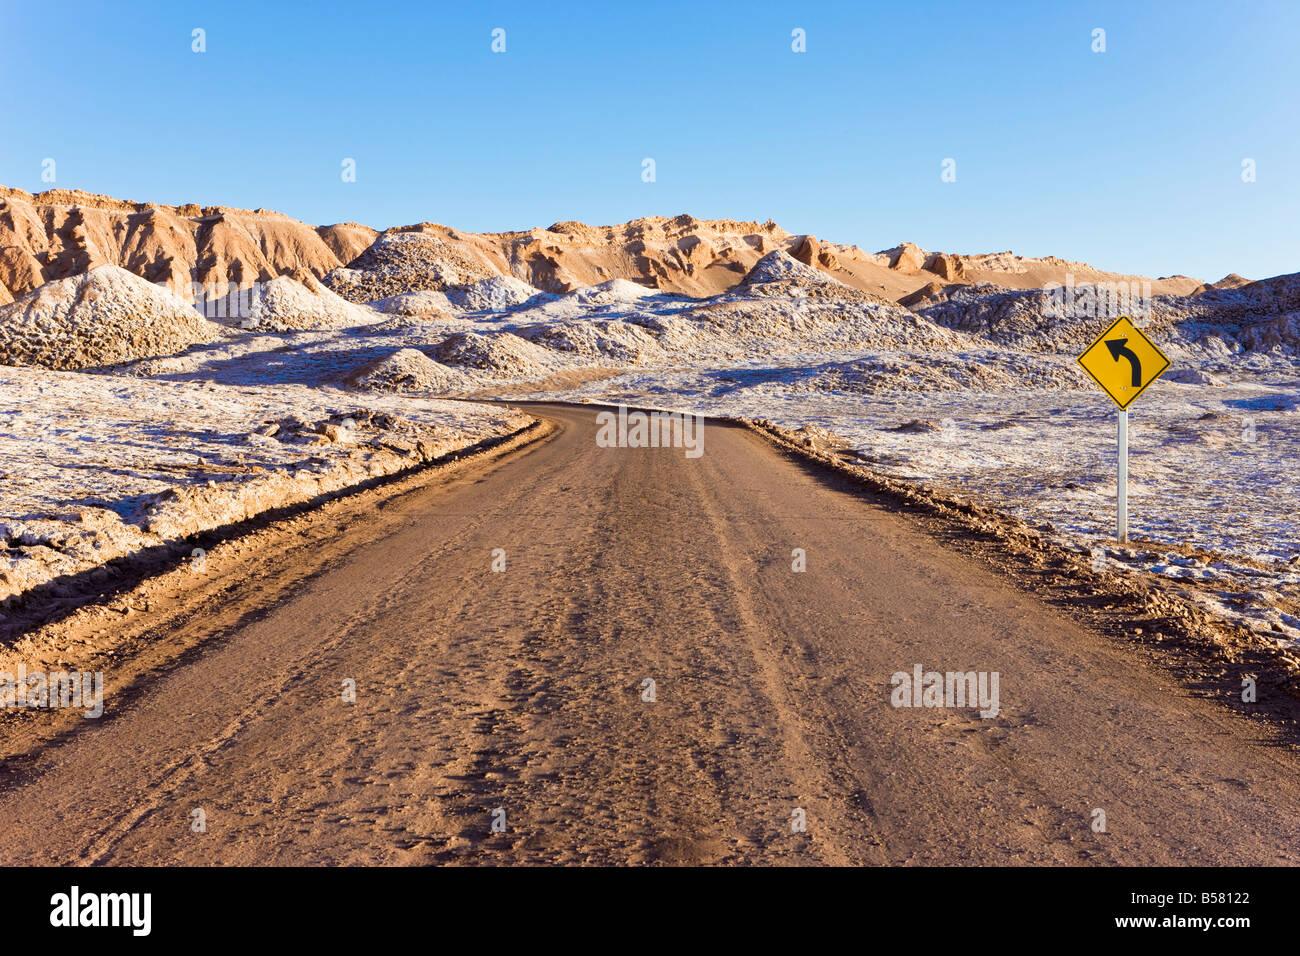 Route à travers la Valle de la Luna (vallée de la lune), Désert d'Atacama, Norte Grande, Chili, Photo Stock